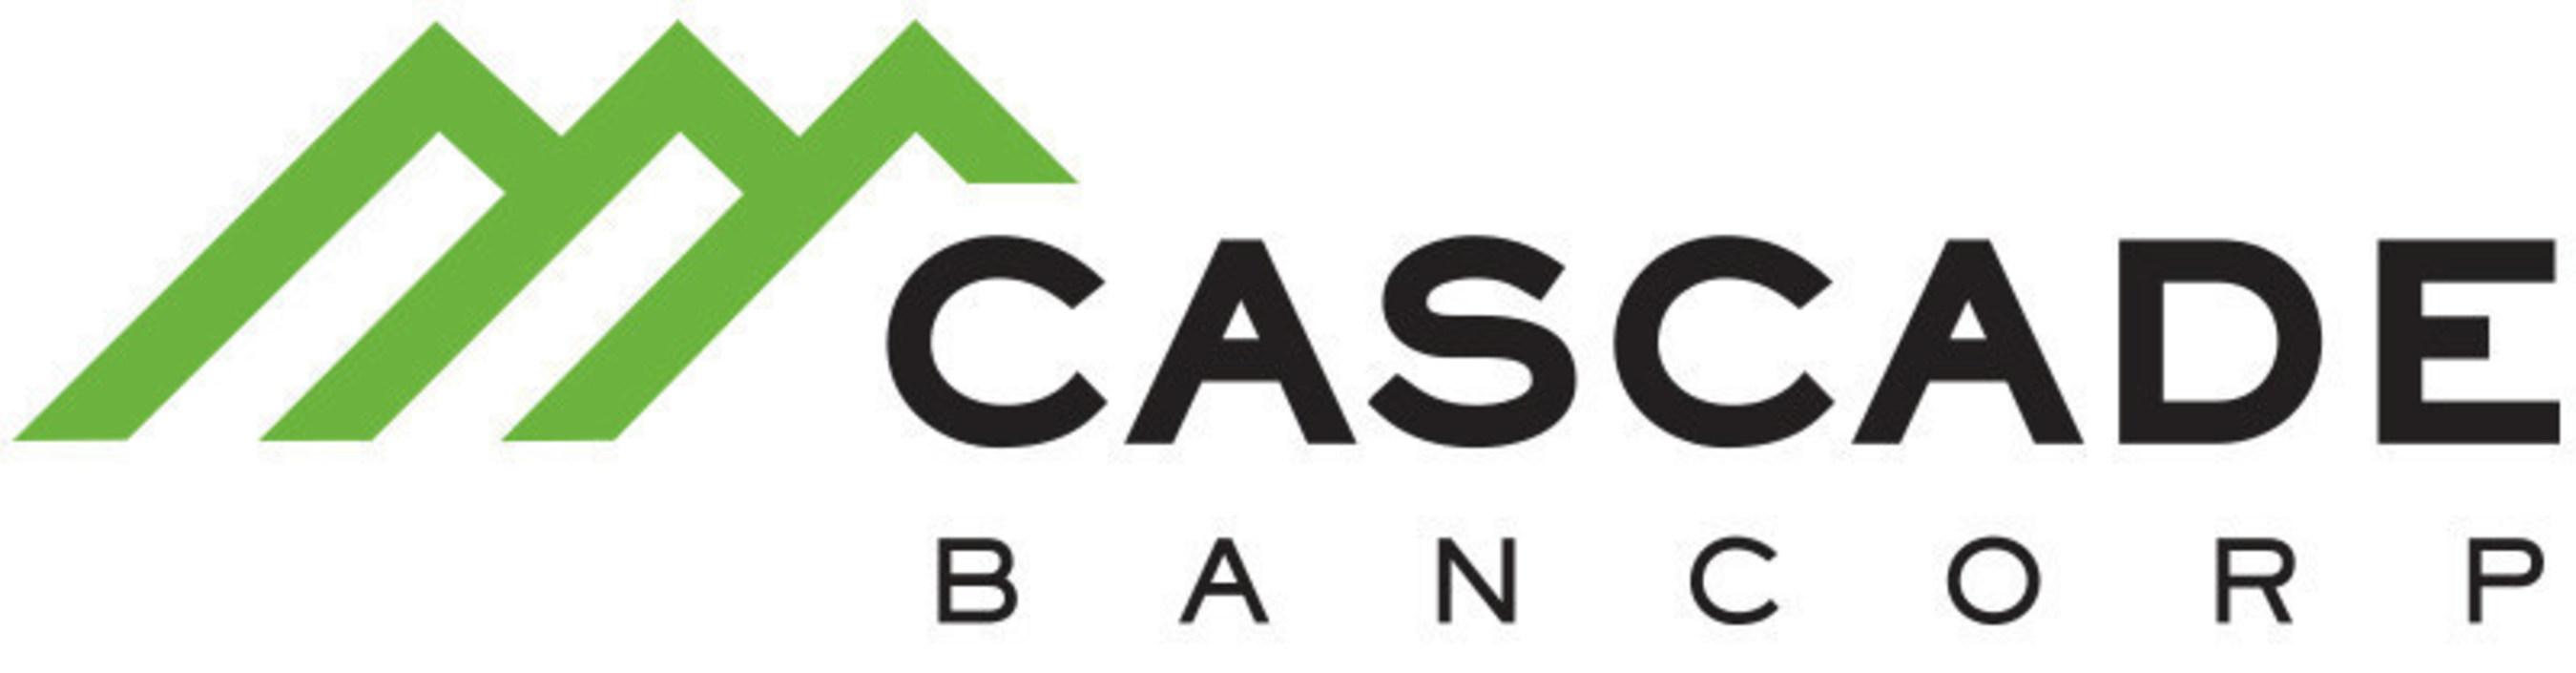 Cascade Bancorp Logo